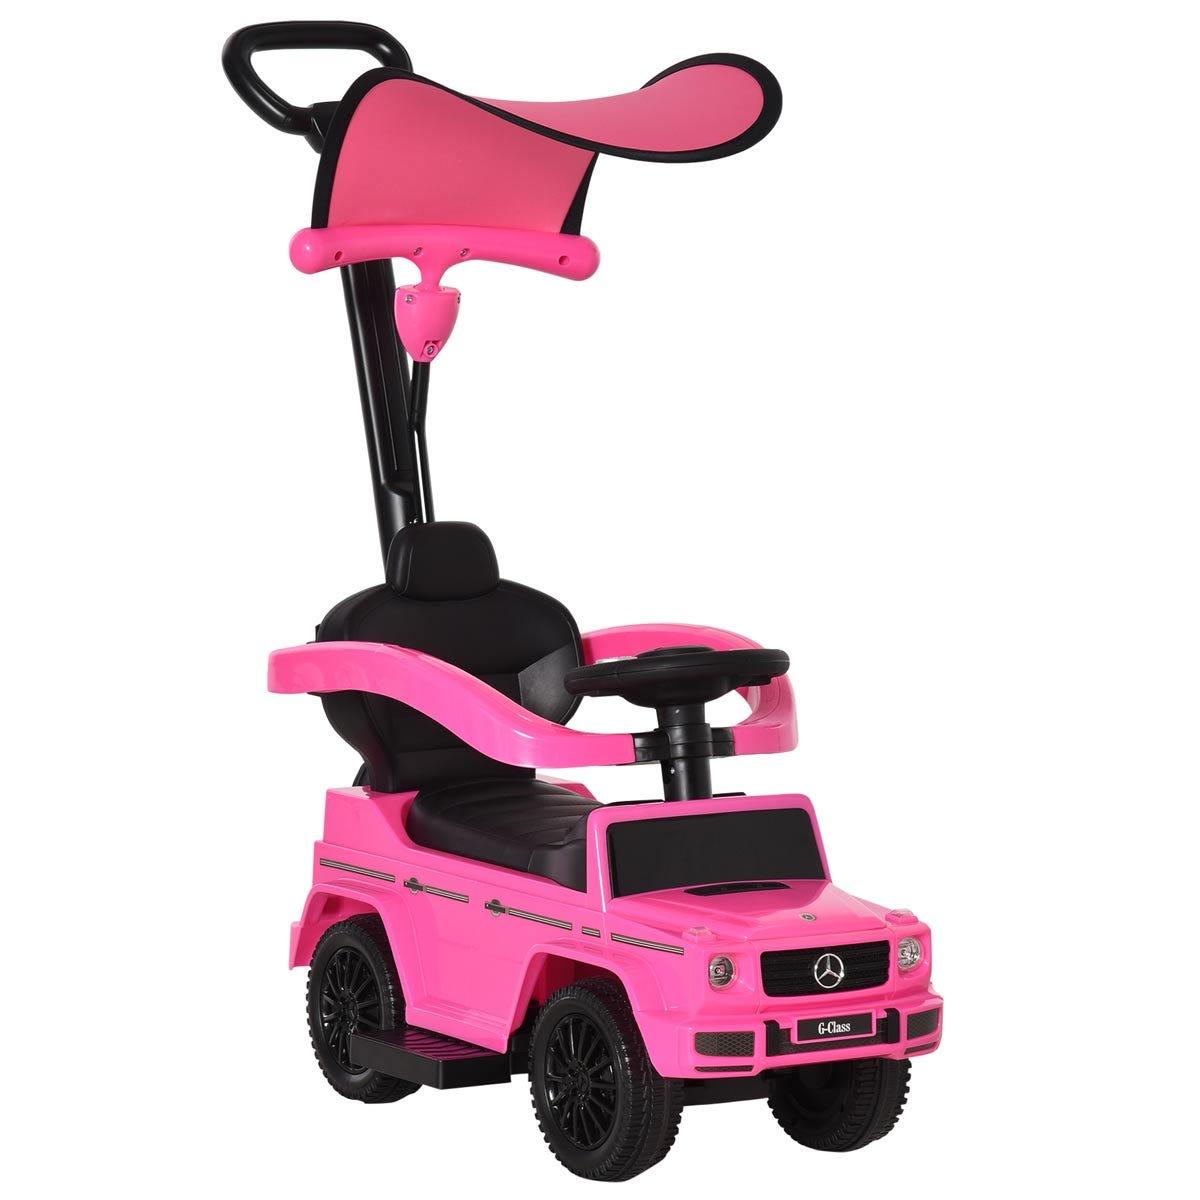 Reiten Kids Benz G350 Ride-on Sliding Car & Stroller - Pink